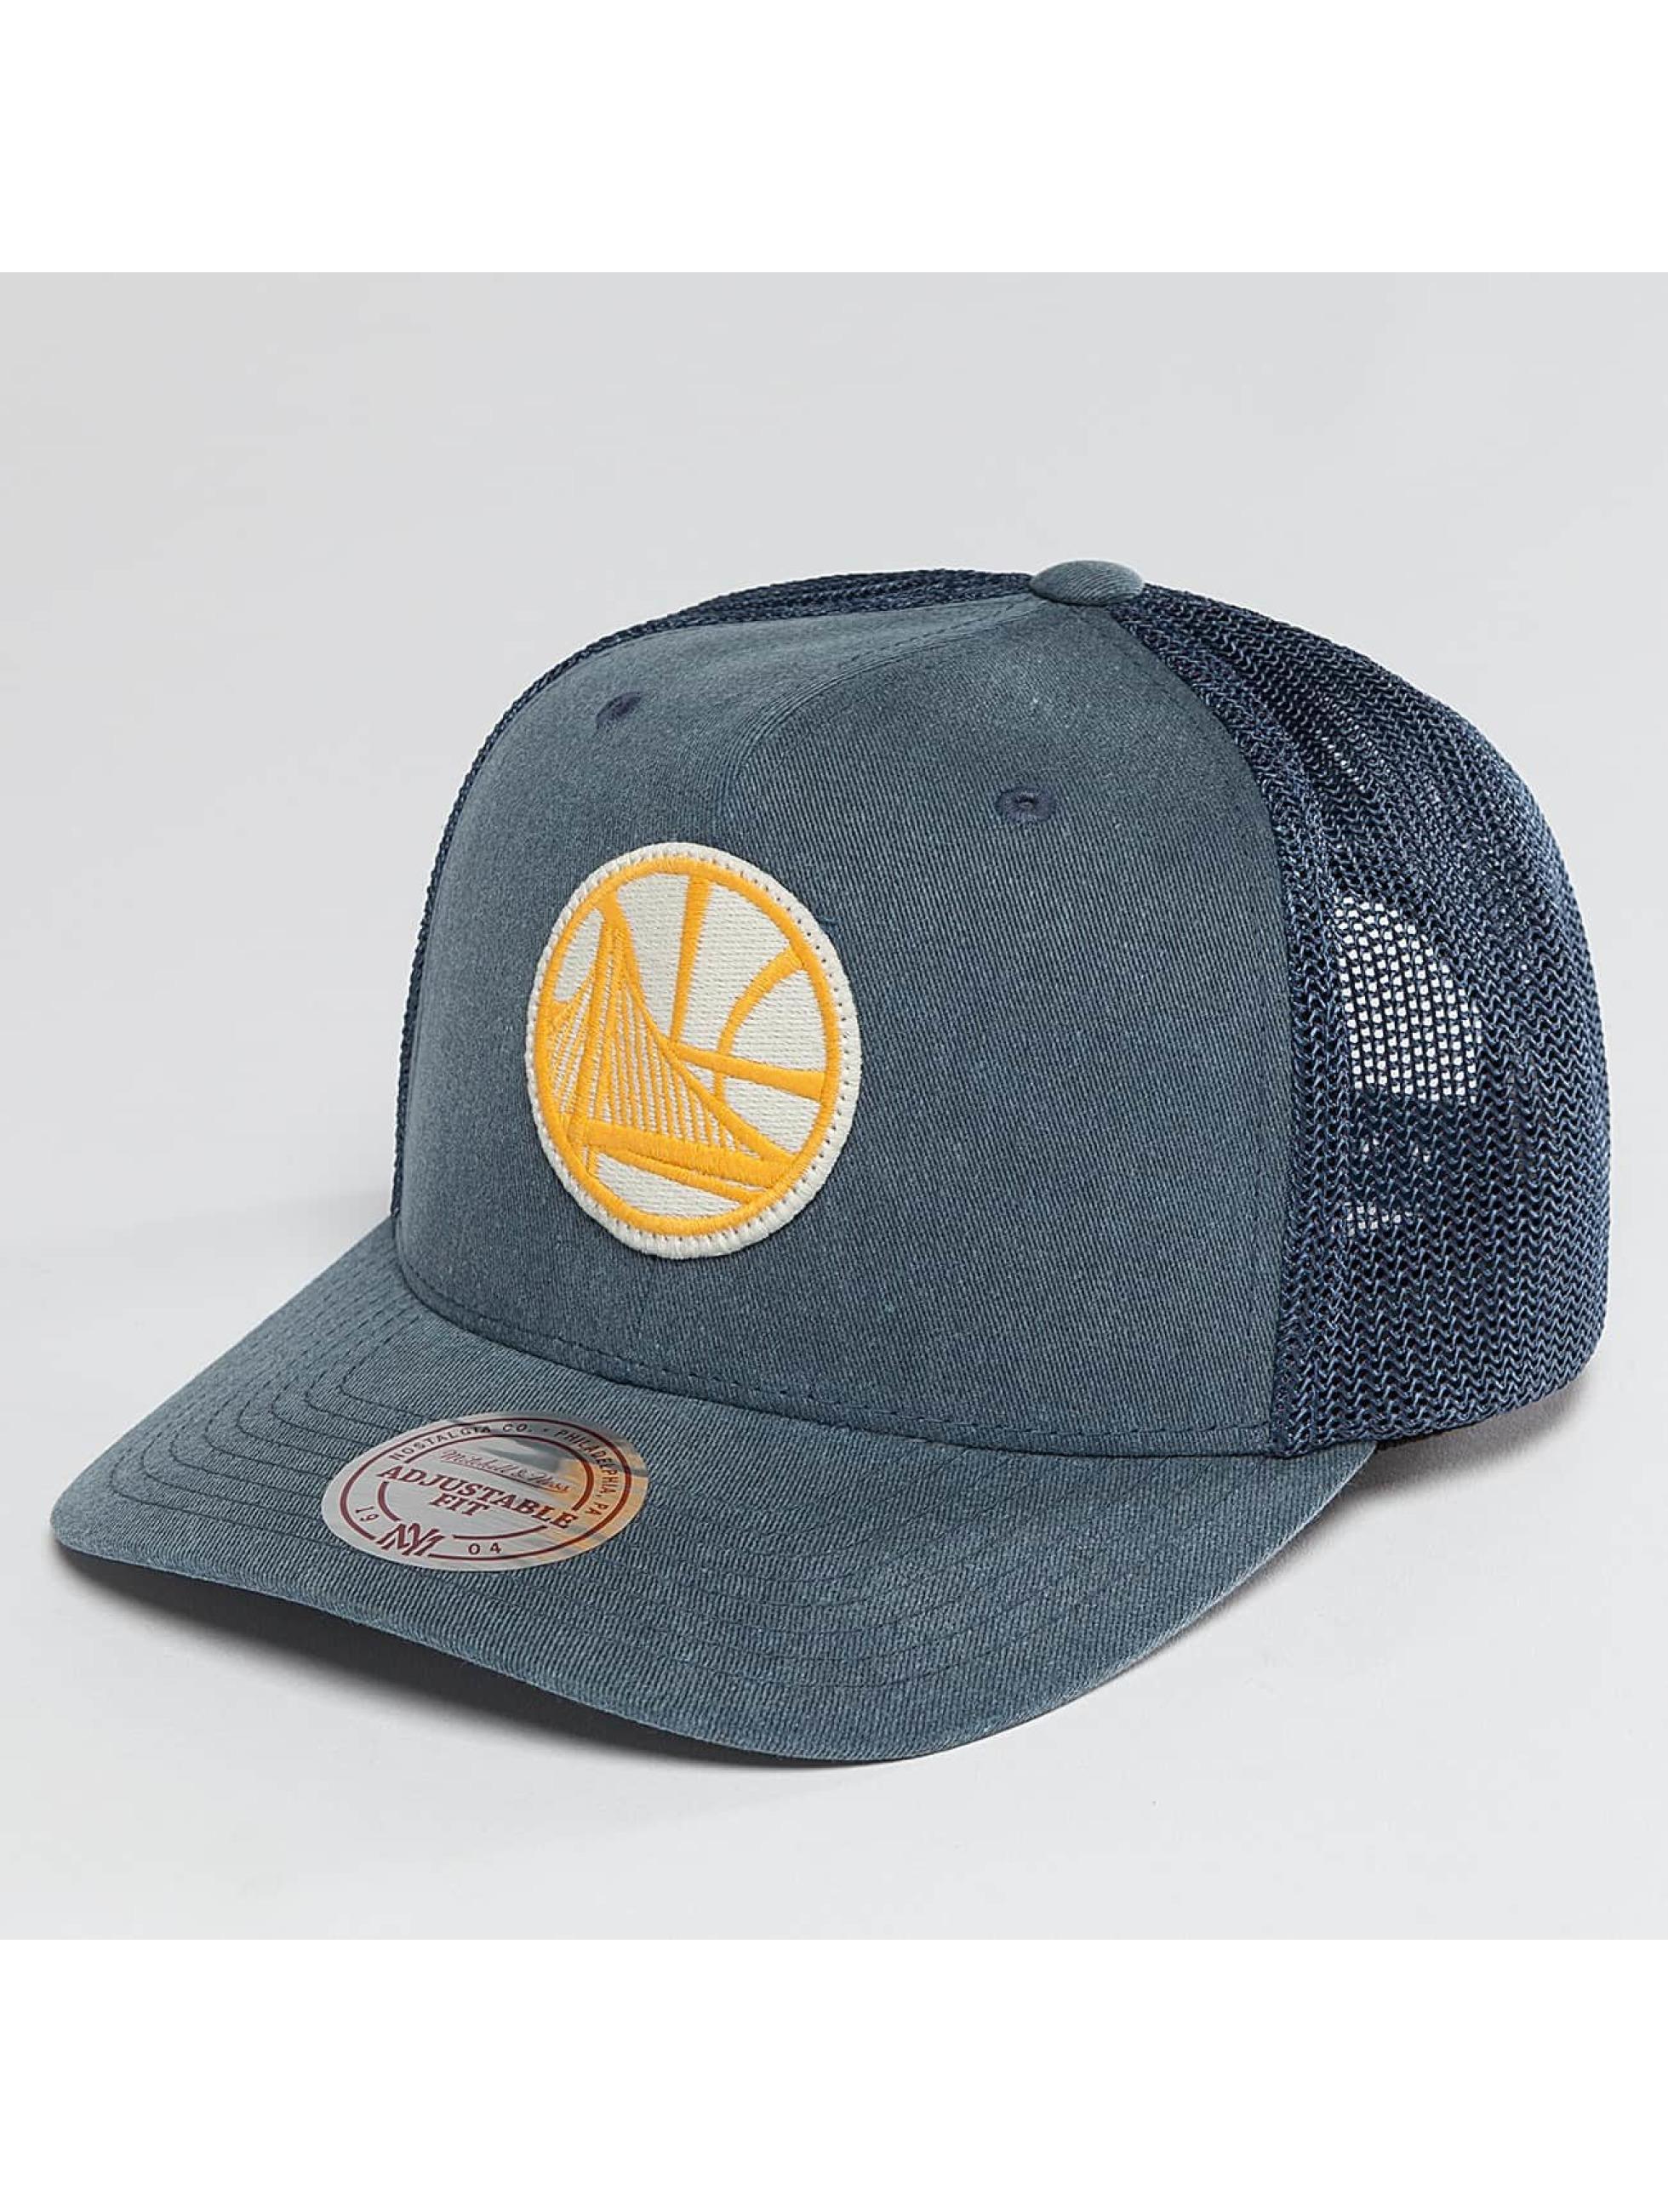 Mitchell & Ness Männer,Frauen Trucker Cap NBA W...